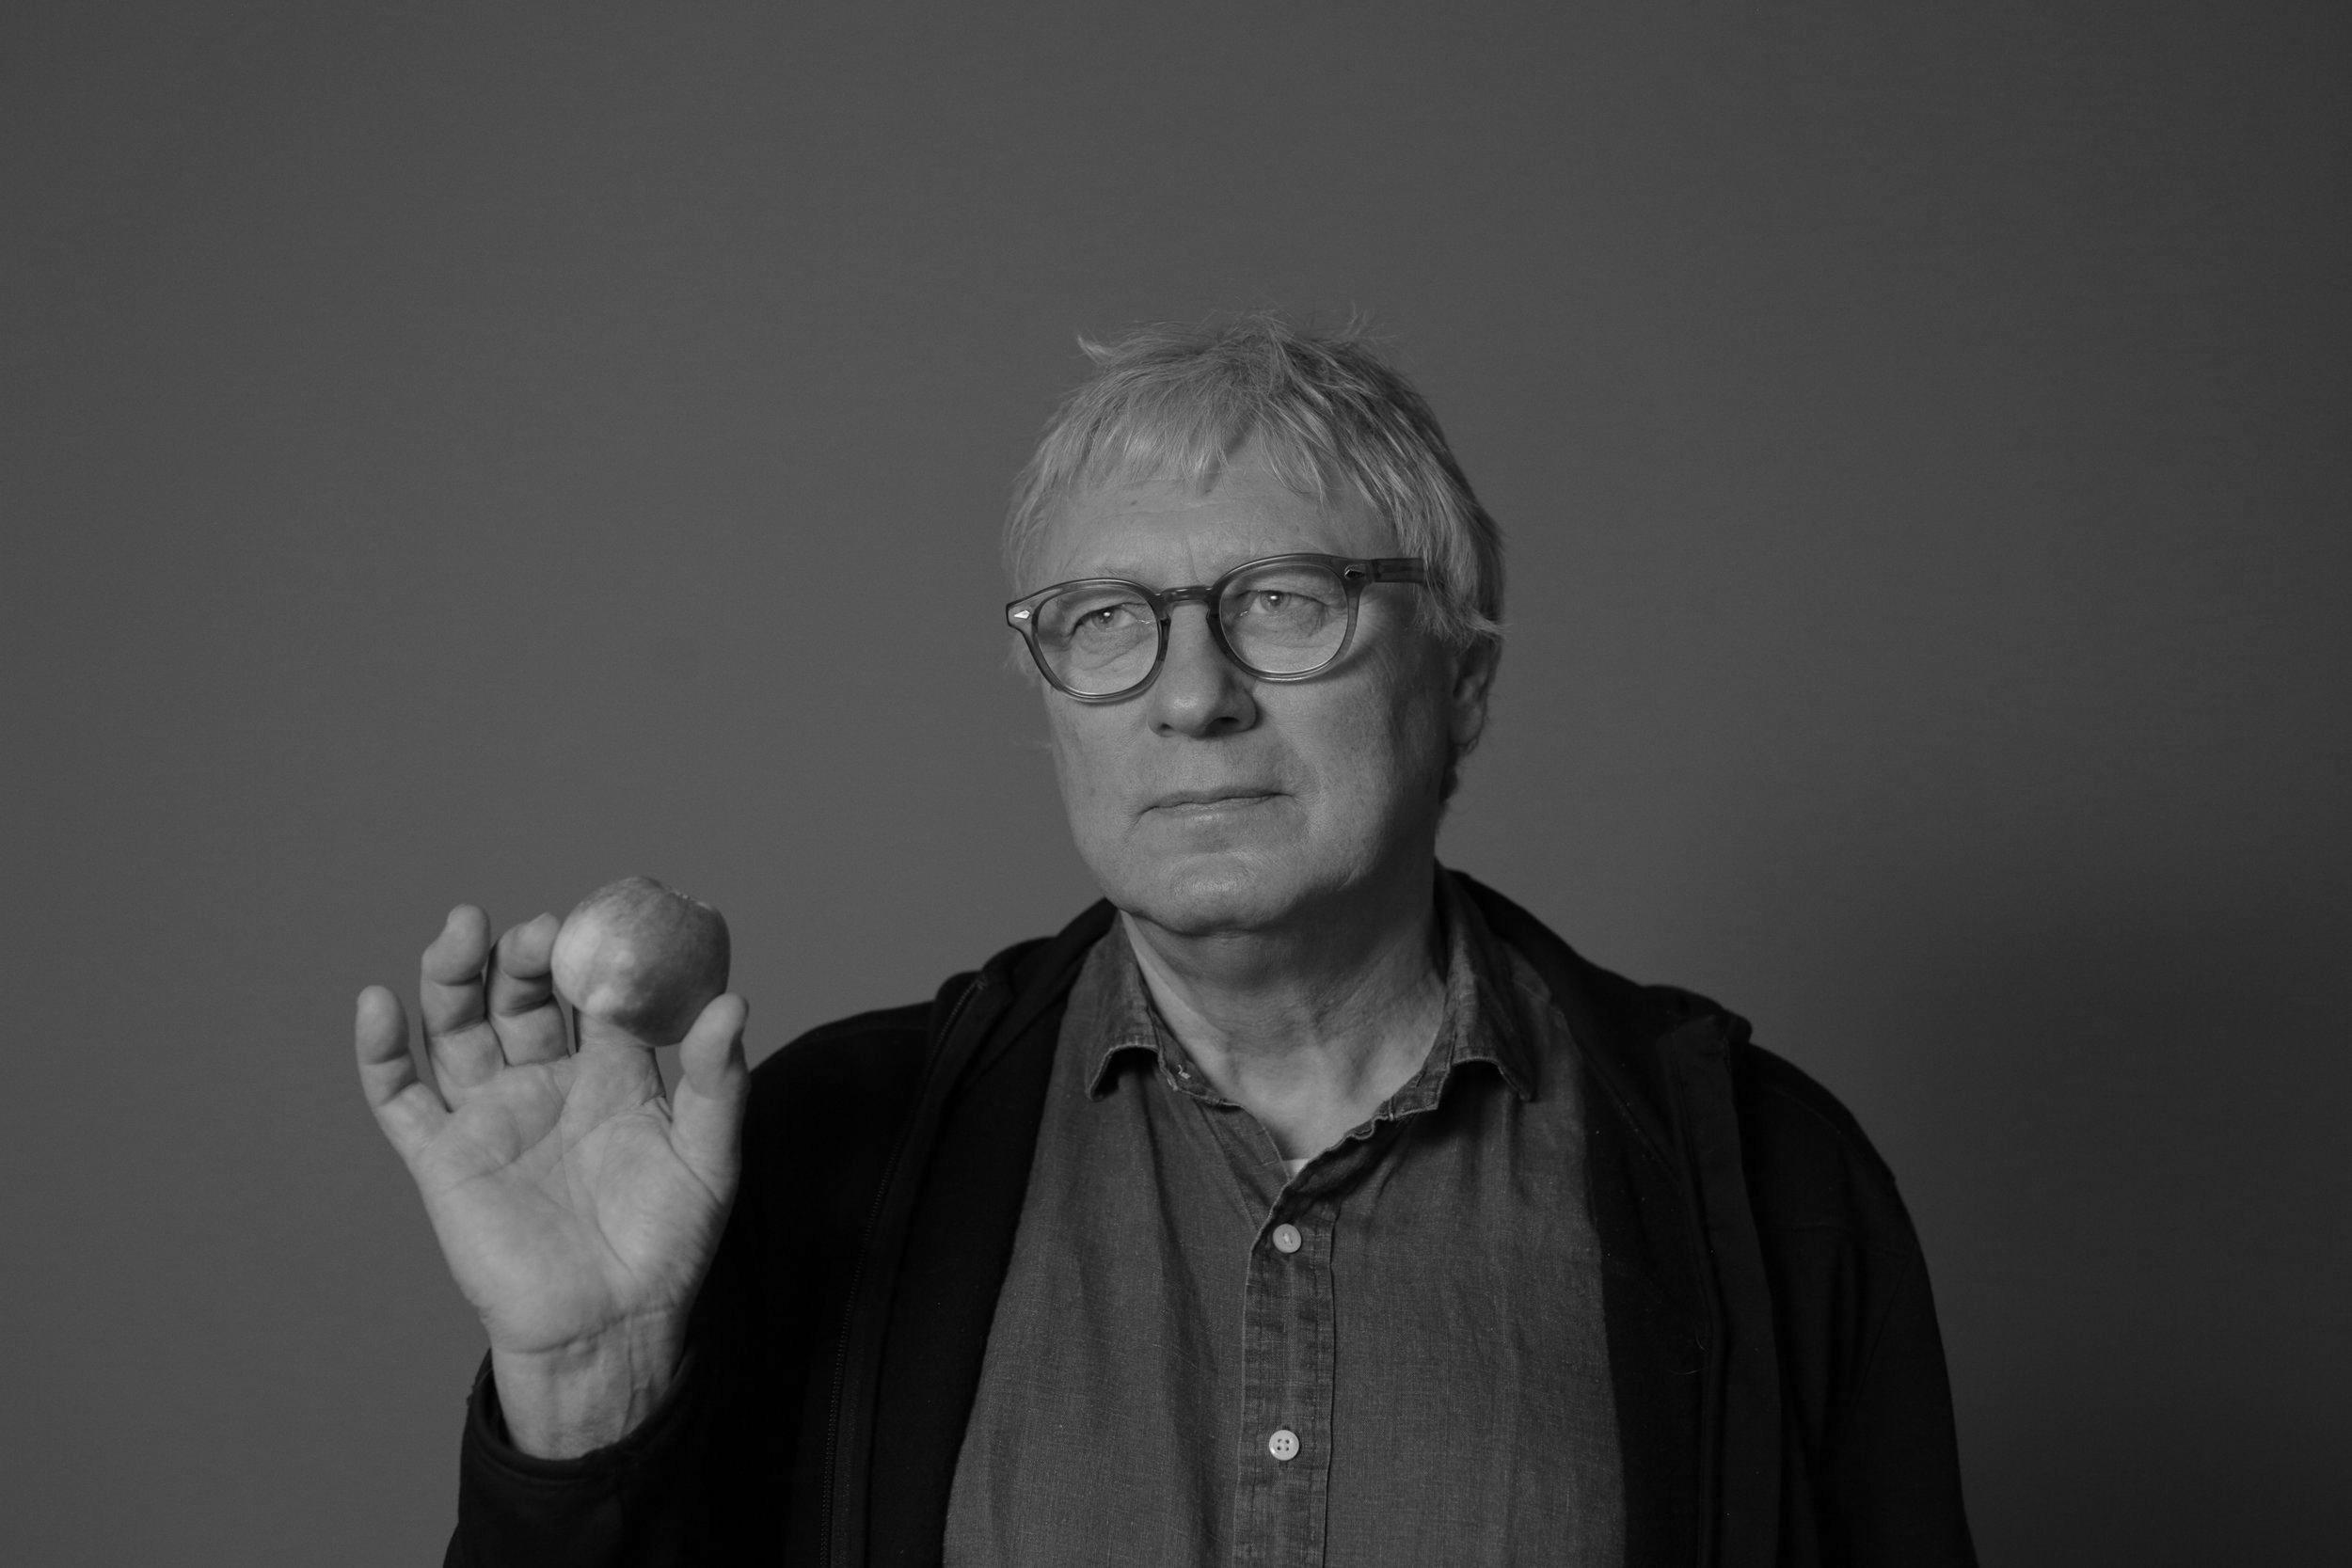 Stig Andersen  Produsent og regissør +47 905 65 344  stig (at) indiefilm.no   Stig er utdannet kunsthistoriker fra Universitet i Oslo og har jobbet i TV og dokumentar i mer enn 40 år. Han begynte sin karriere i NRK hvor han bidra til opprettelsen av NRK2. Siden har han jobbet for Motlys, Nordisk Film og var dokumentarfilmkonsulent i NFI fra 2008-12. I Indie Film har Stig produsert  Arctic Superstar  og regisserer nå på fulltid  Munch i Helvete.